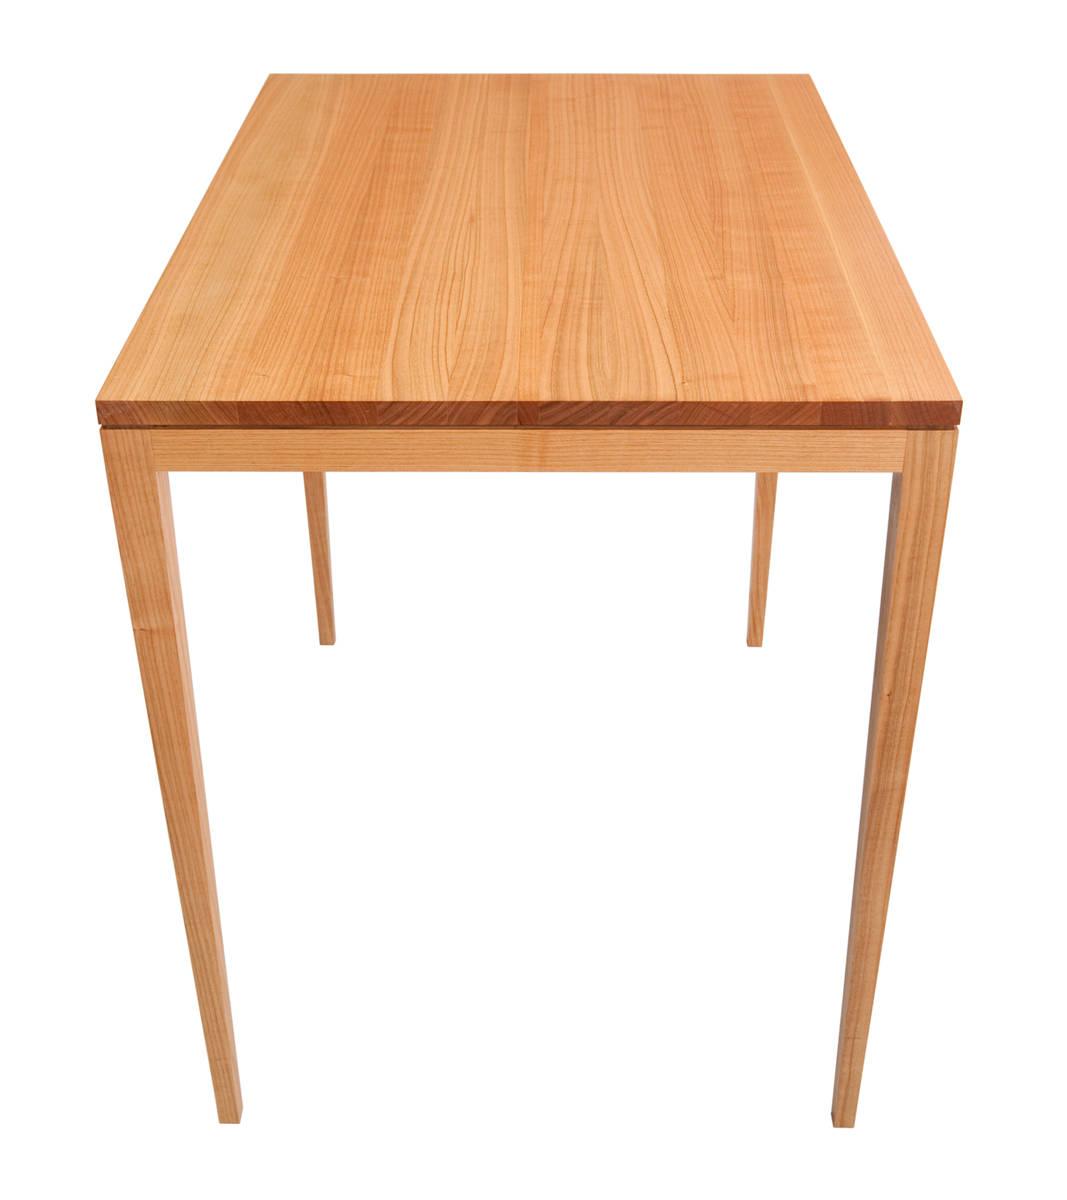 tisch no 1 in kirsche massiv ge lt einzelanfertigung 100 60 75 cm by individual furniture. Black Bedroom Furniture Sets. Home Design Ideas